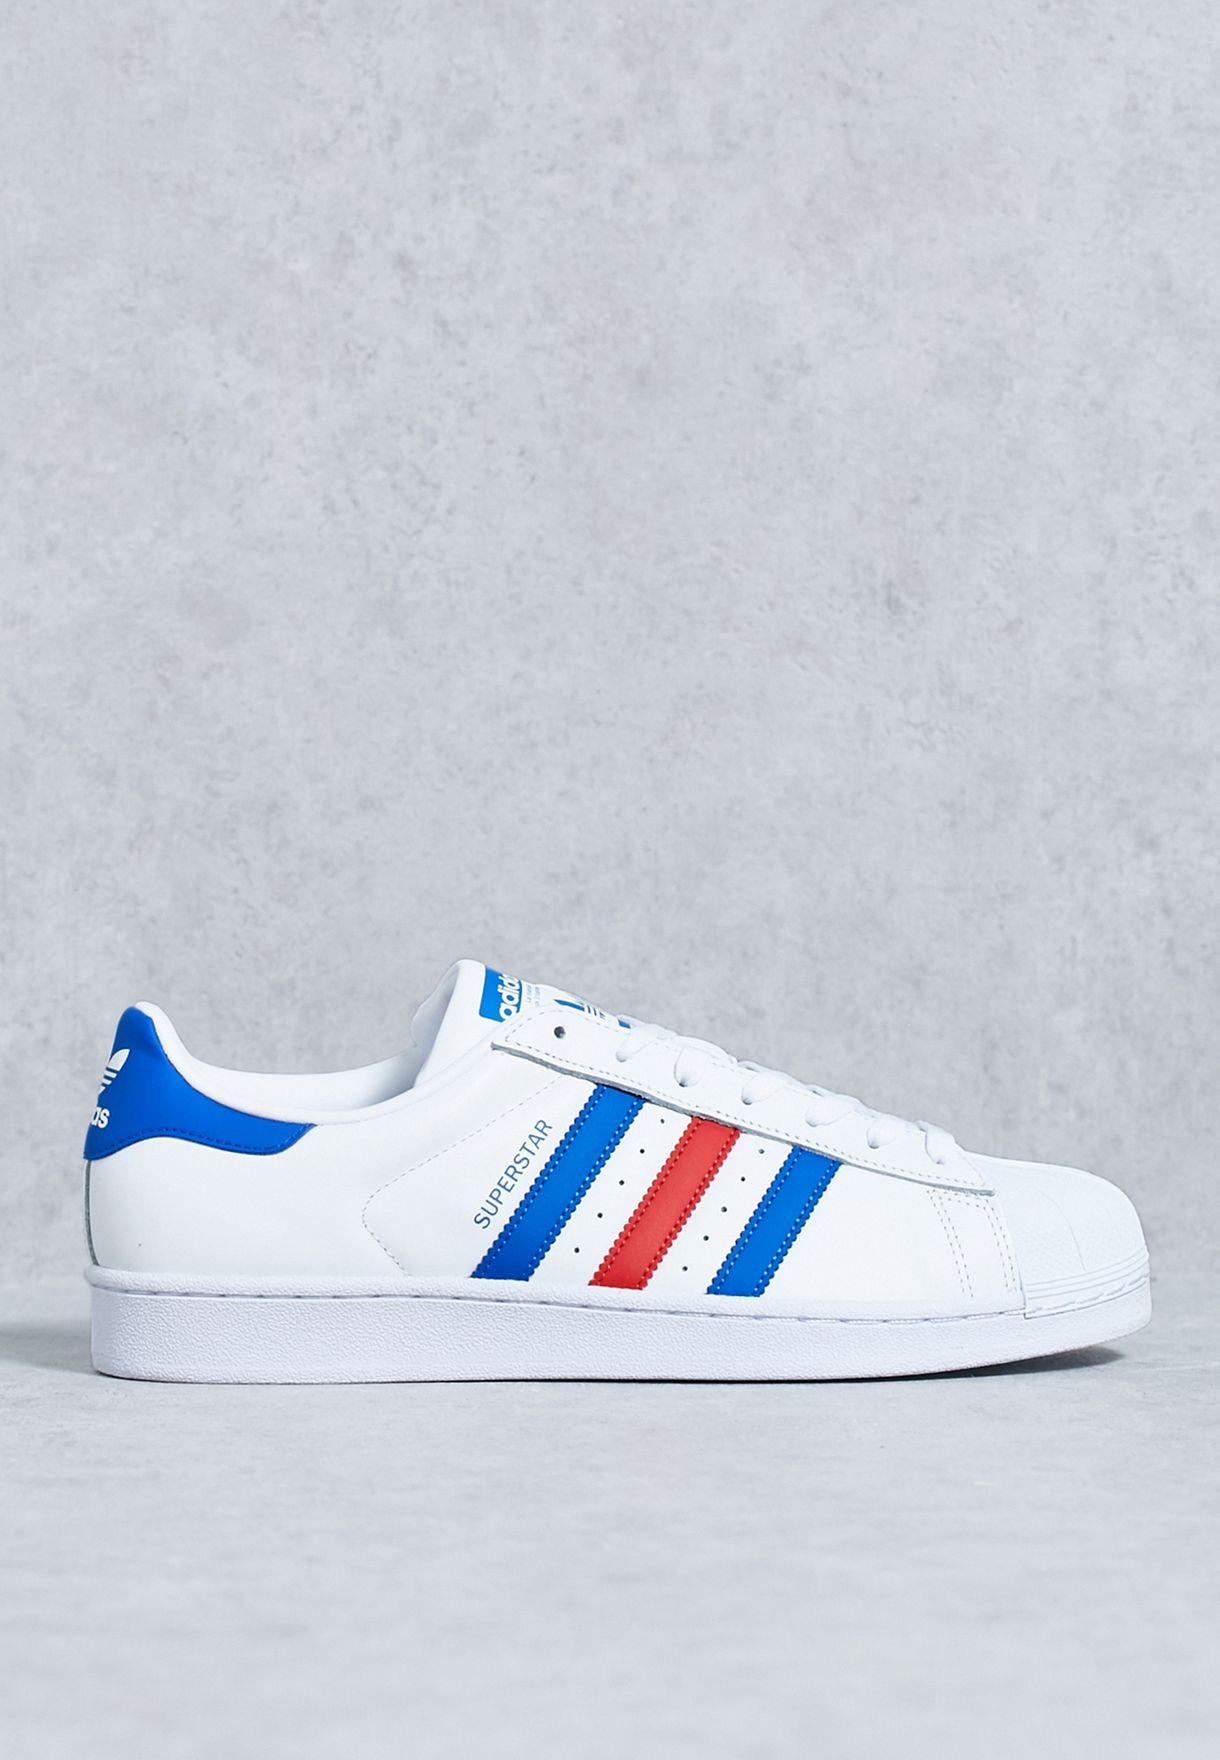 Negozio Adidas Superstar Bb2246 In Originali Bianco Per Gli Uomini In Bb2246 Eau d4d117